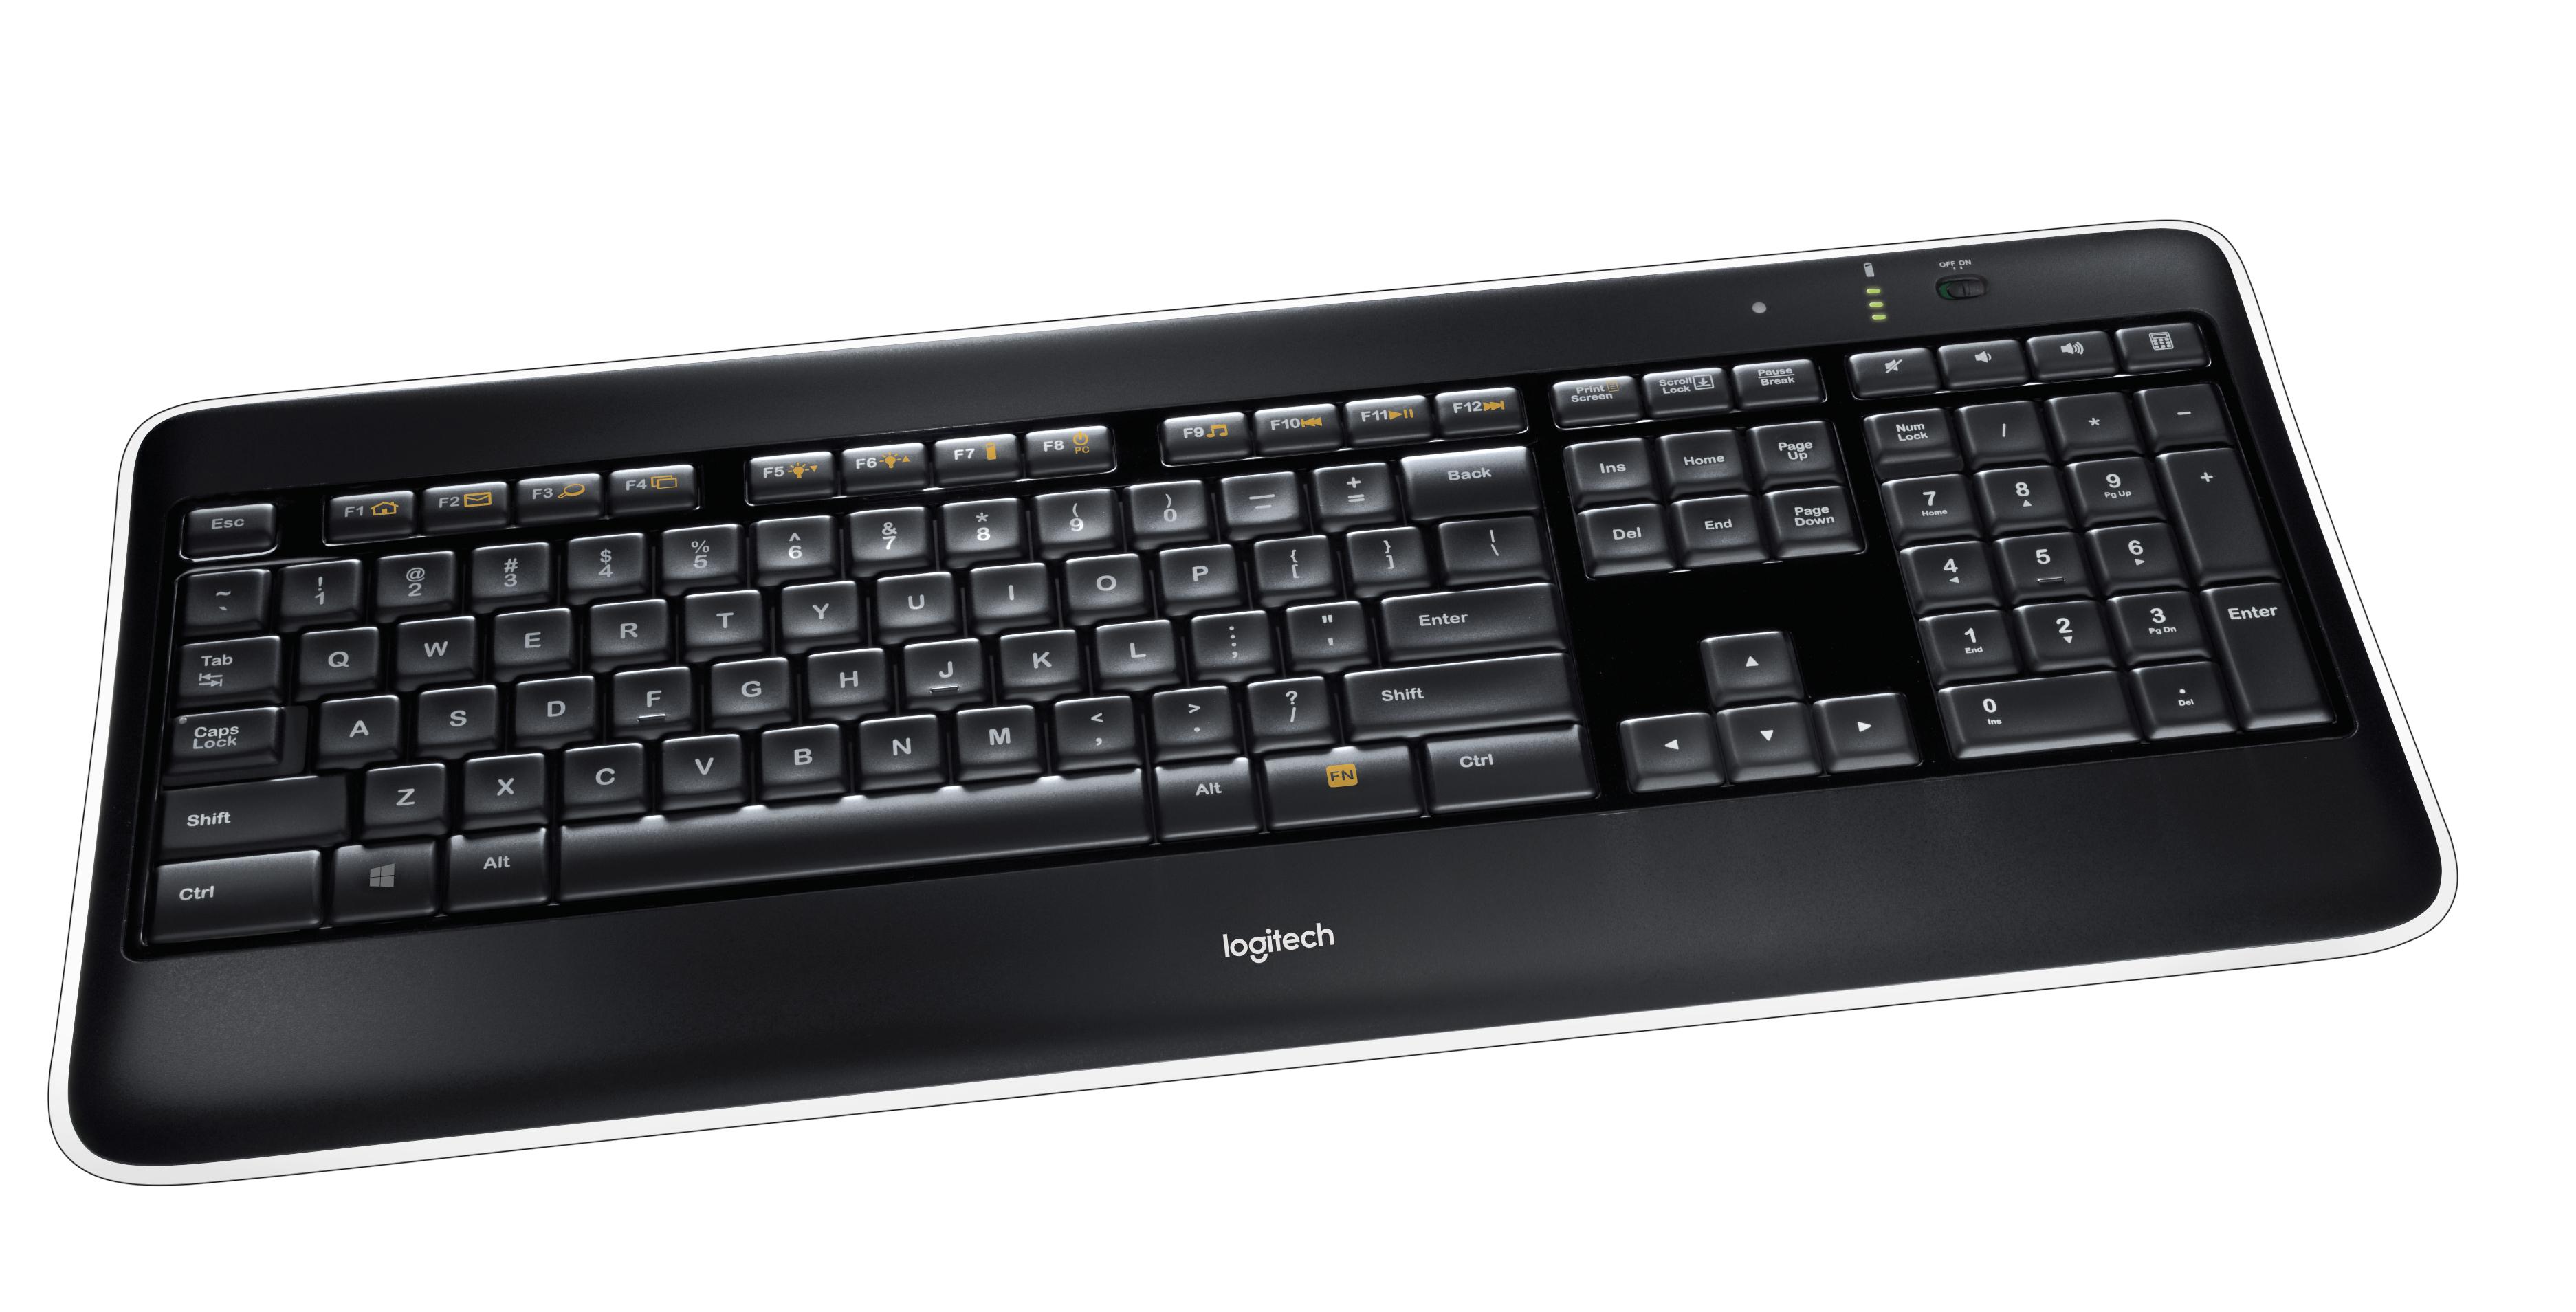 K800 Wireless Illuminated Keyboard (Qwerty US)